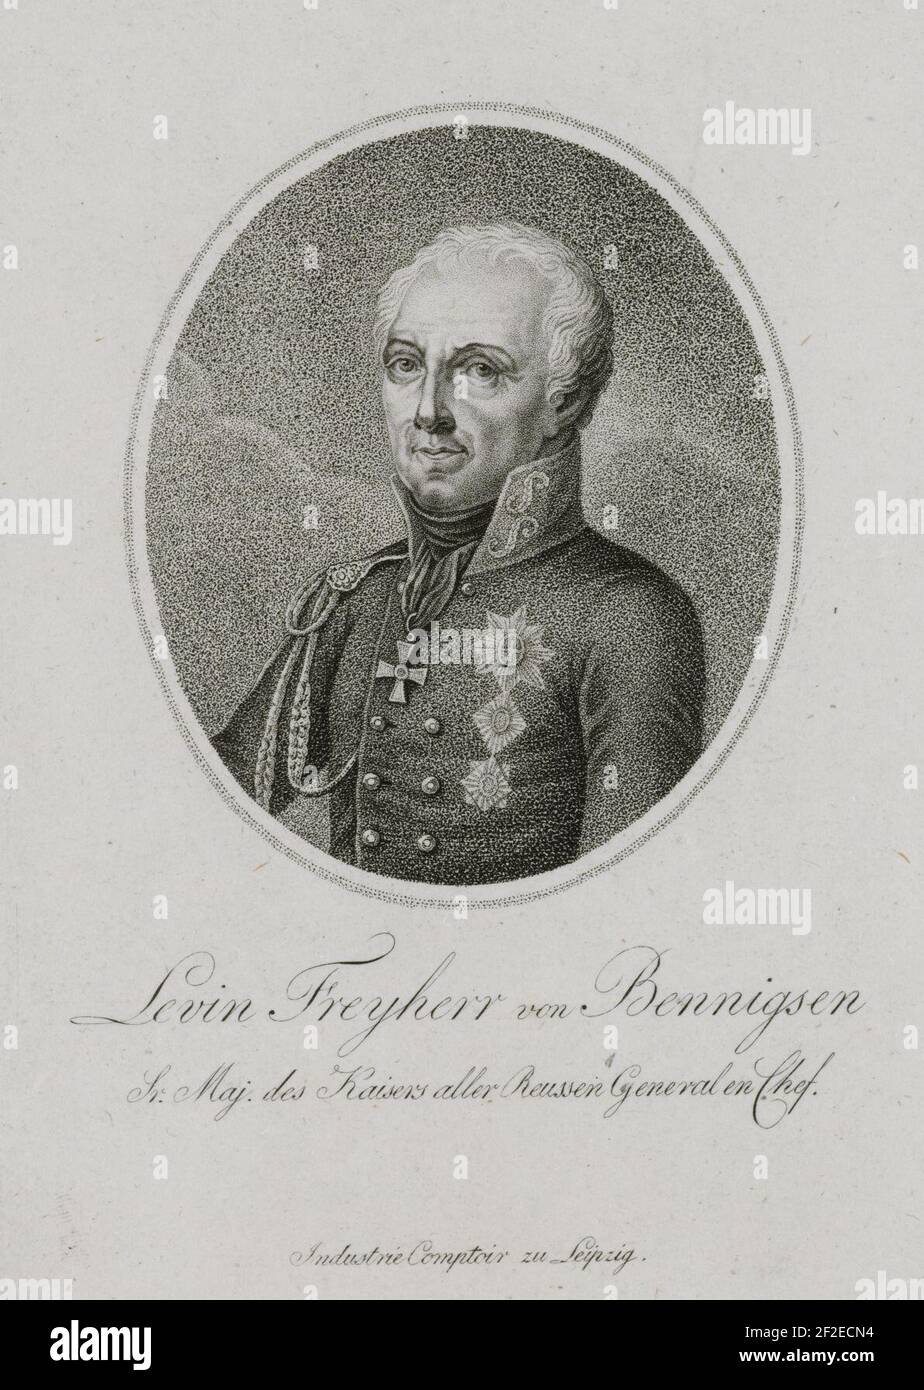 Levin Freyherr von Bennigsen Sr. Maj. des Kaisers aller Reussen General en Chef (1813). Stock Photo